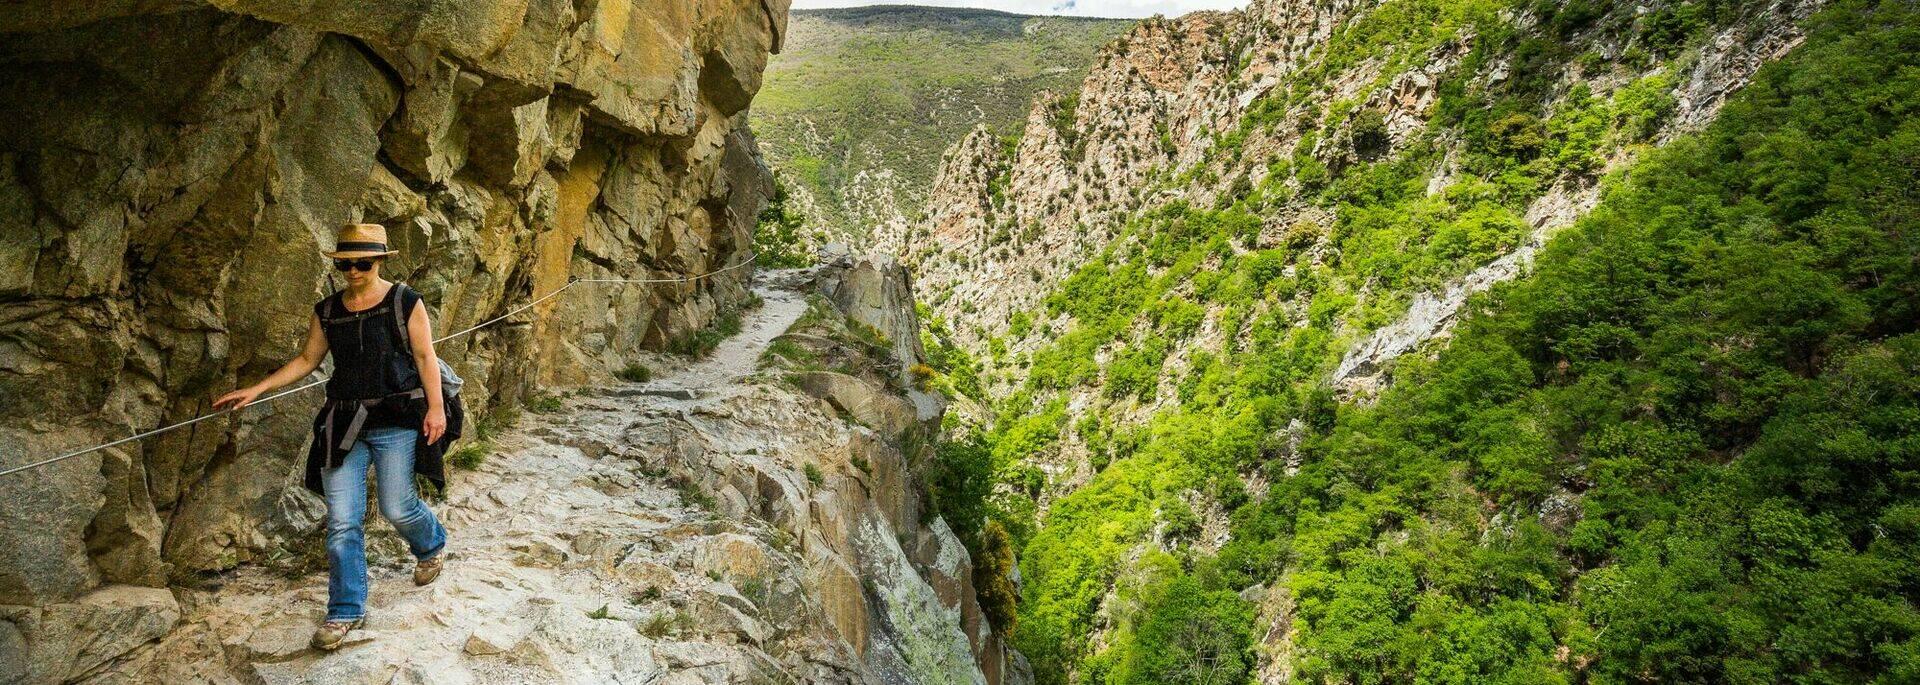 Les Gorges de Carançà ©JCMilhet